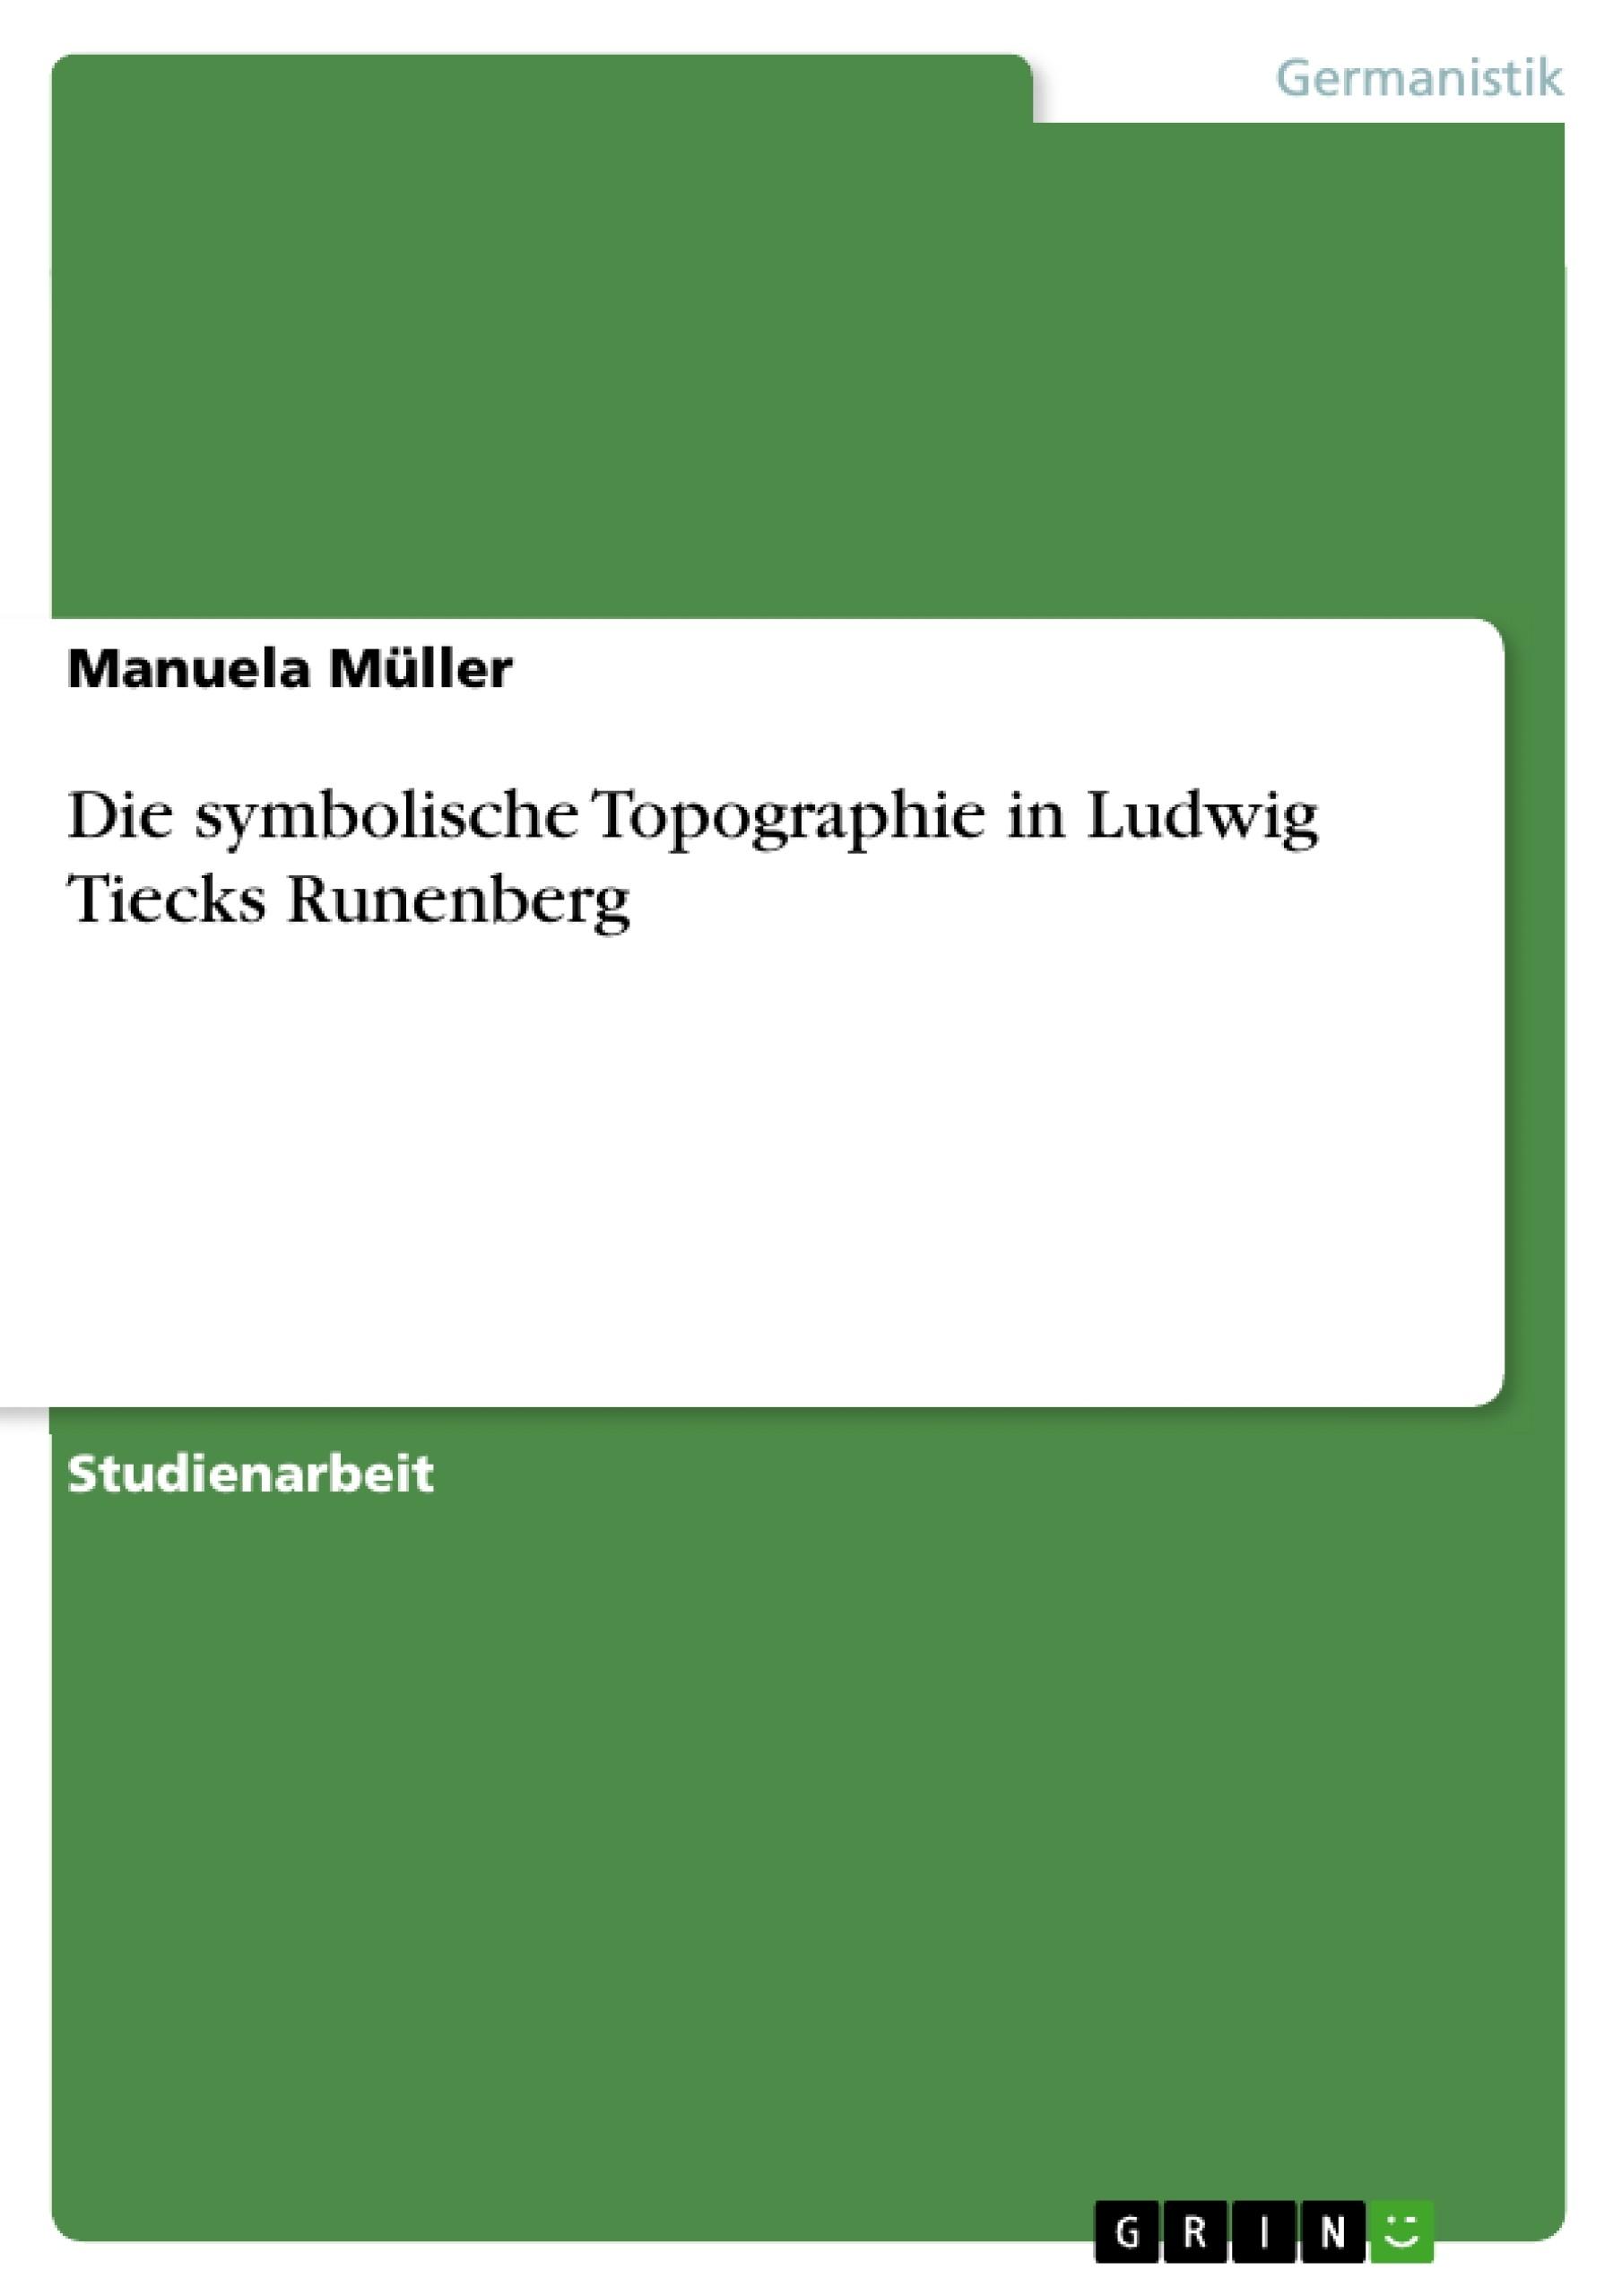 Titel: Die symbolische Topographie in Ludwig Tiecks Runenberg